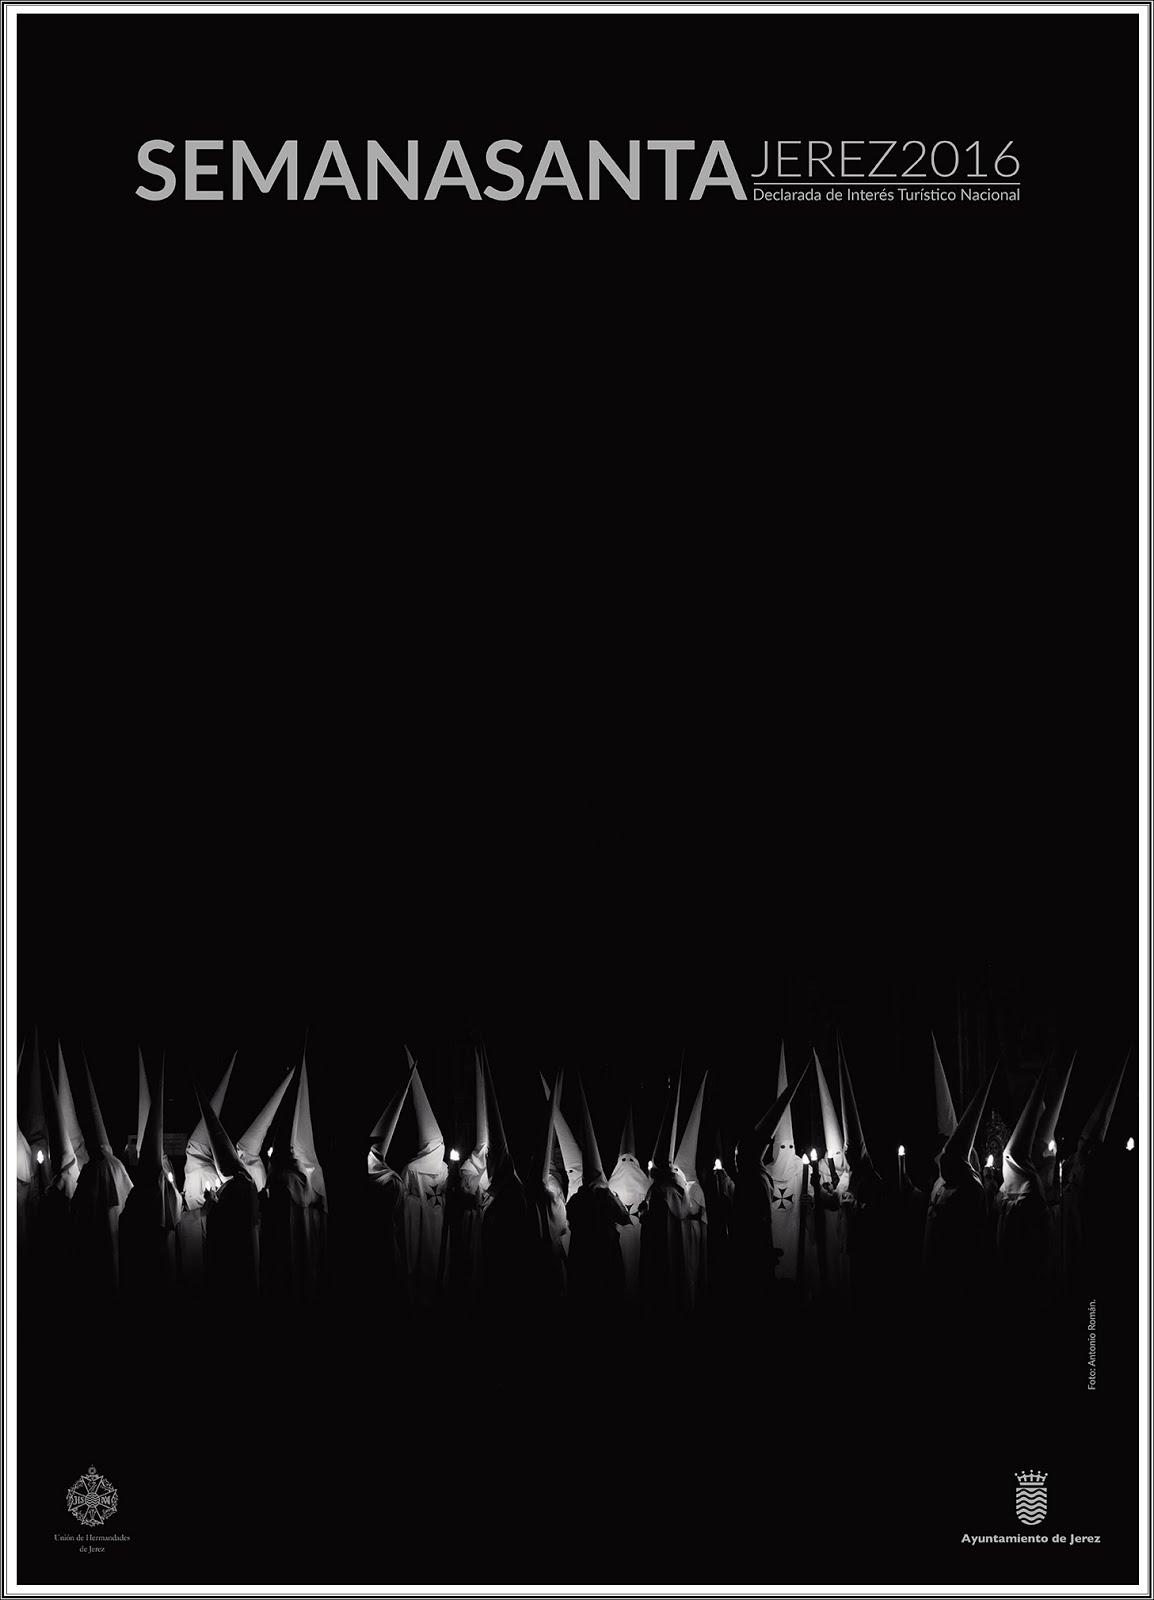 CARTEL OFICIAL SEMANA SANTA DE JEREZ 2016